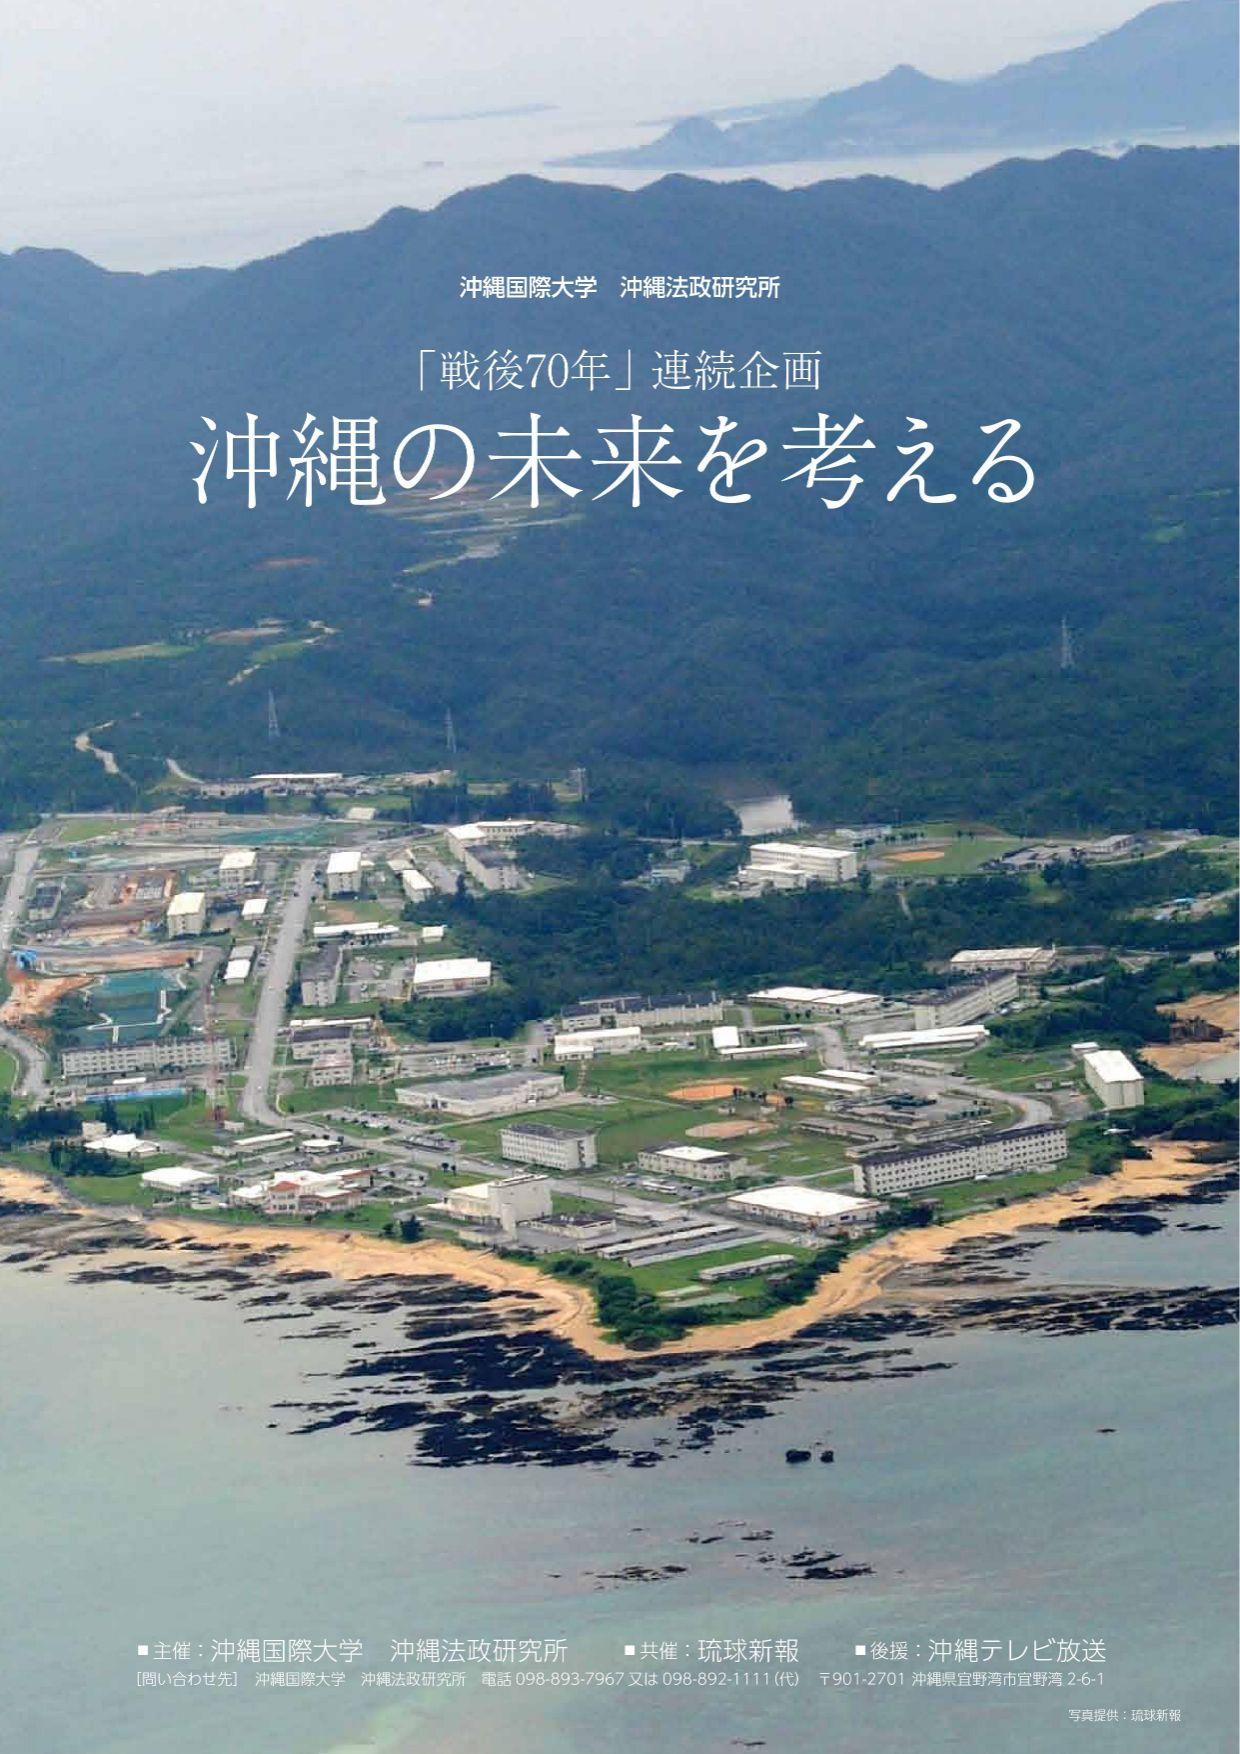 2015年 「戦後70年」連続企画 沖縄の未来を考える